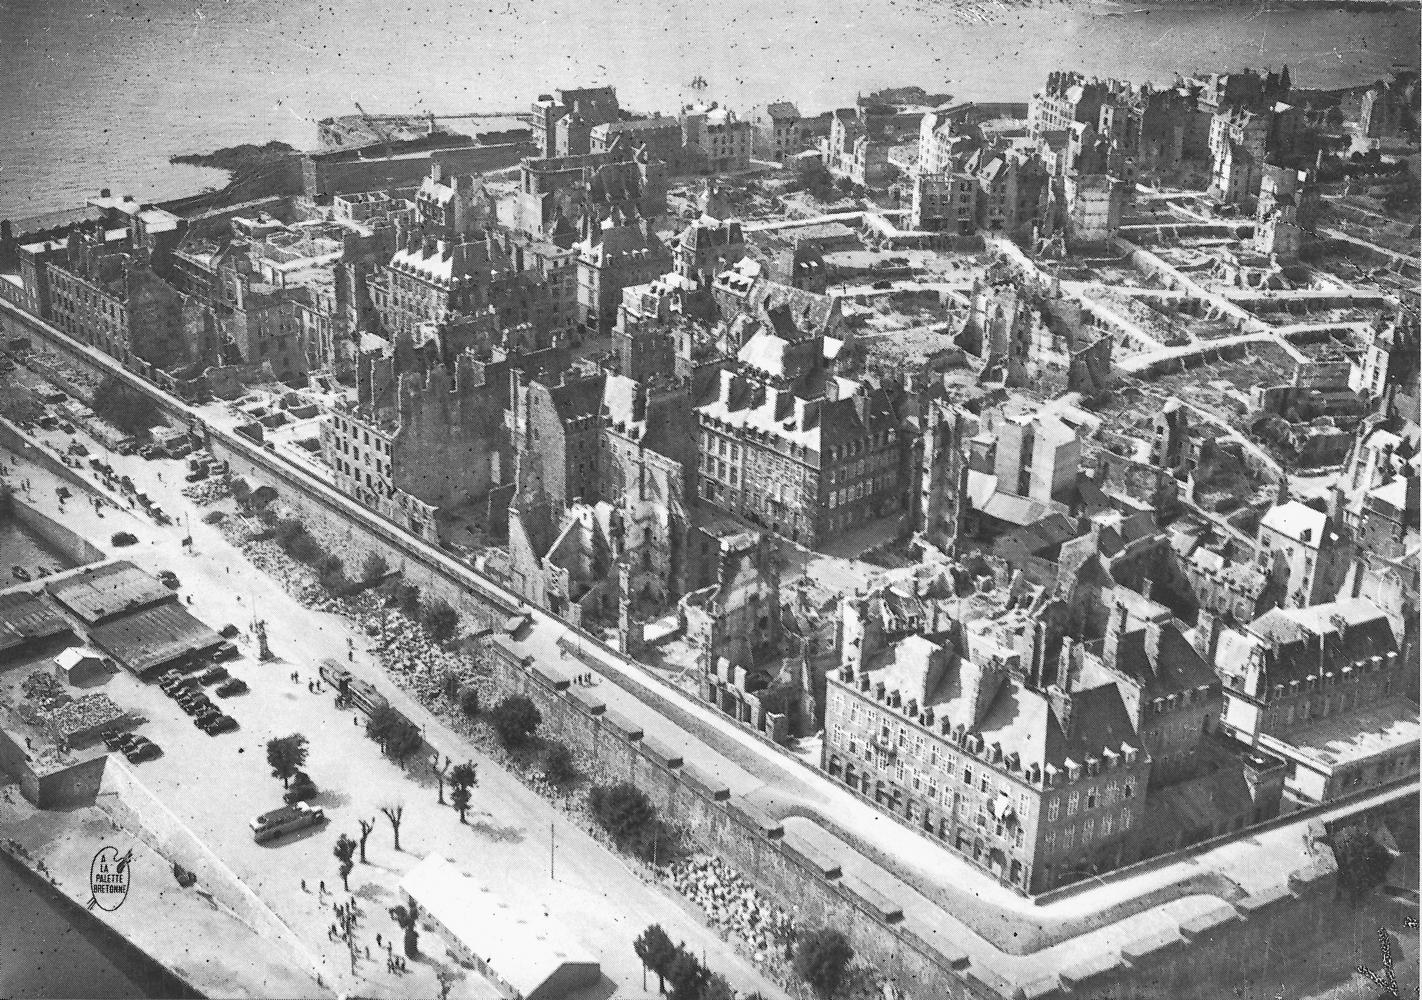 Resultado de imagem para Esta cidade murada medieval mostra como o urbanismo tradicional pode suportar altas densidades